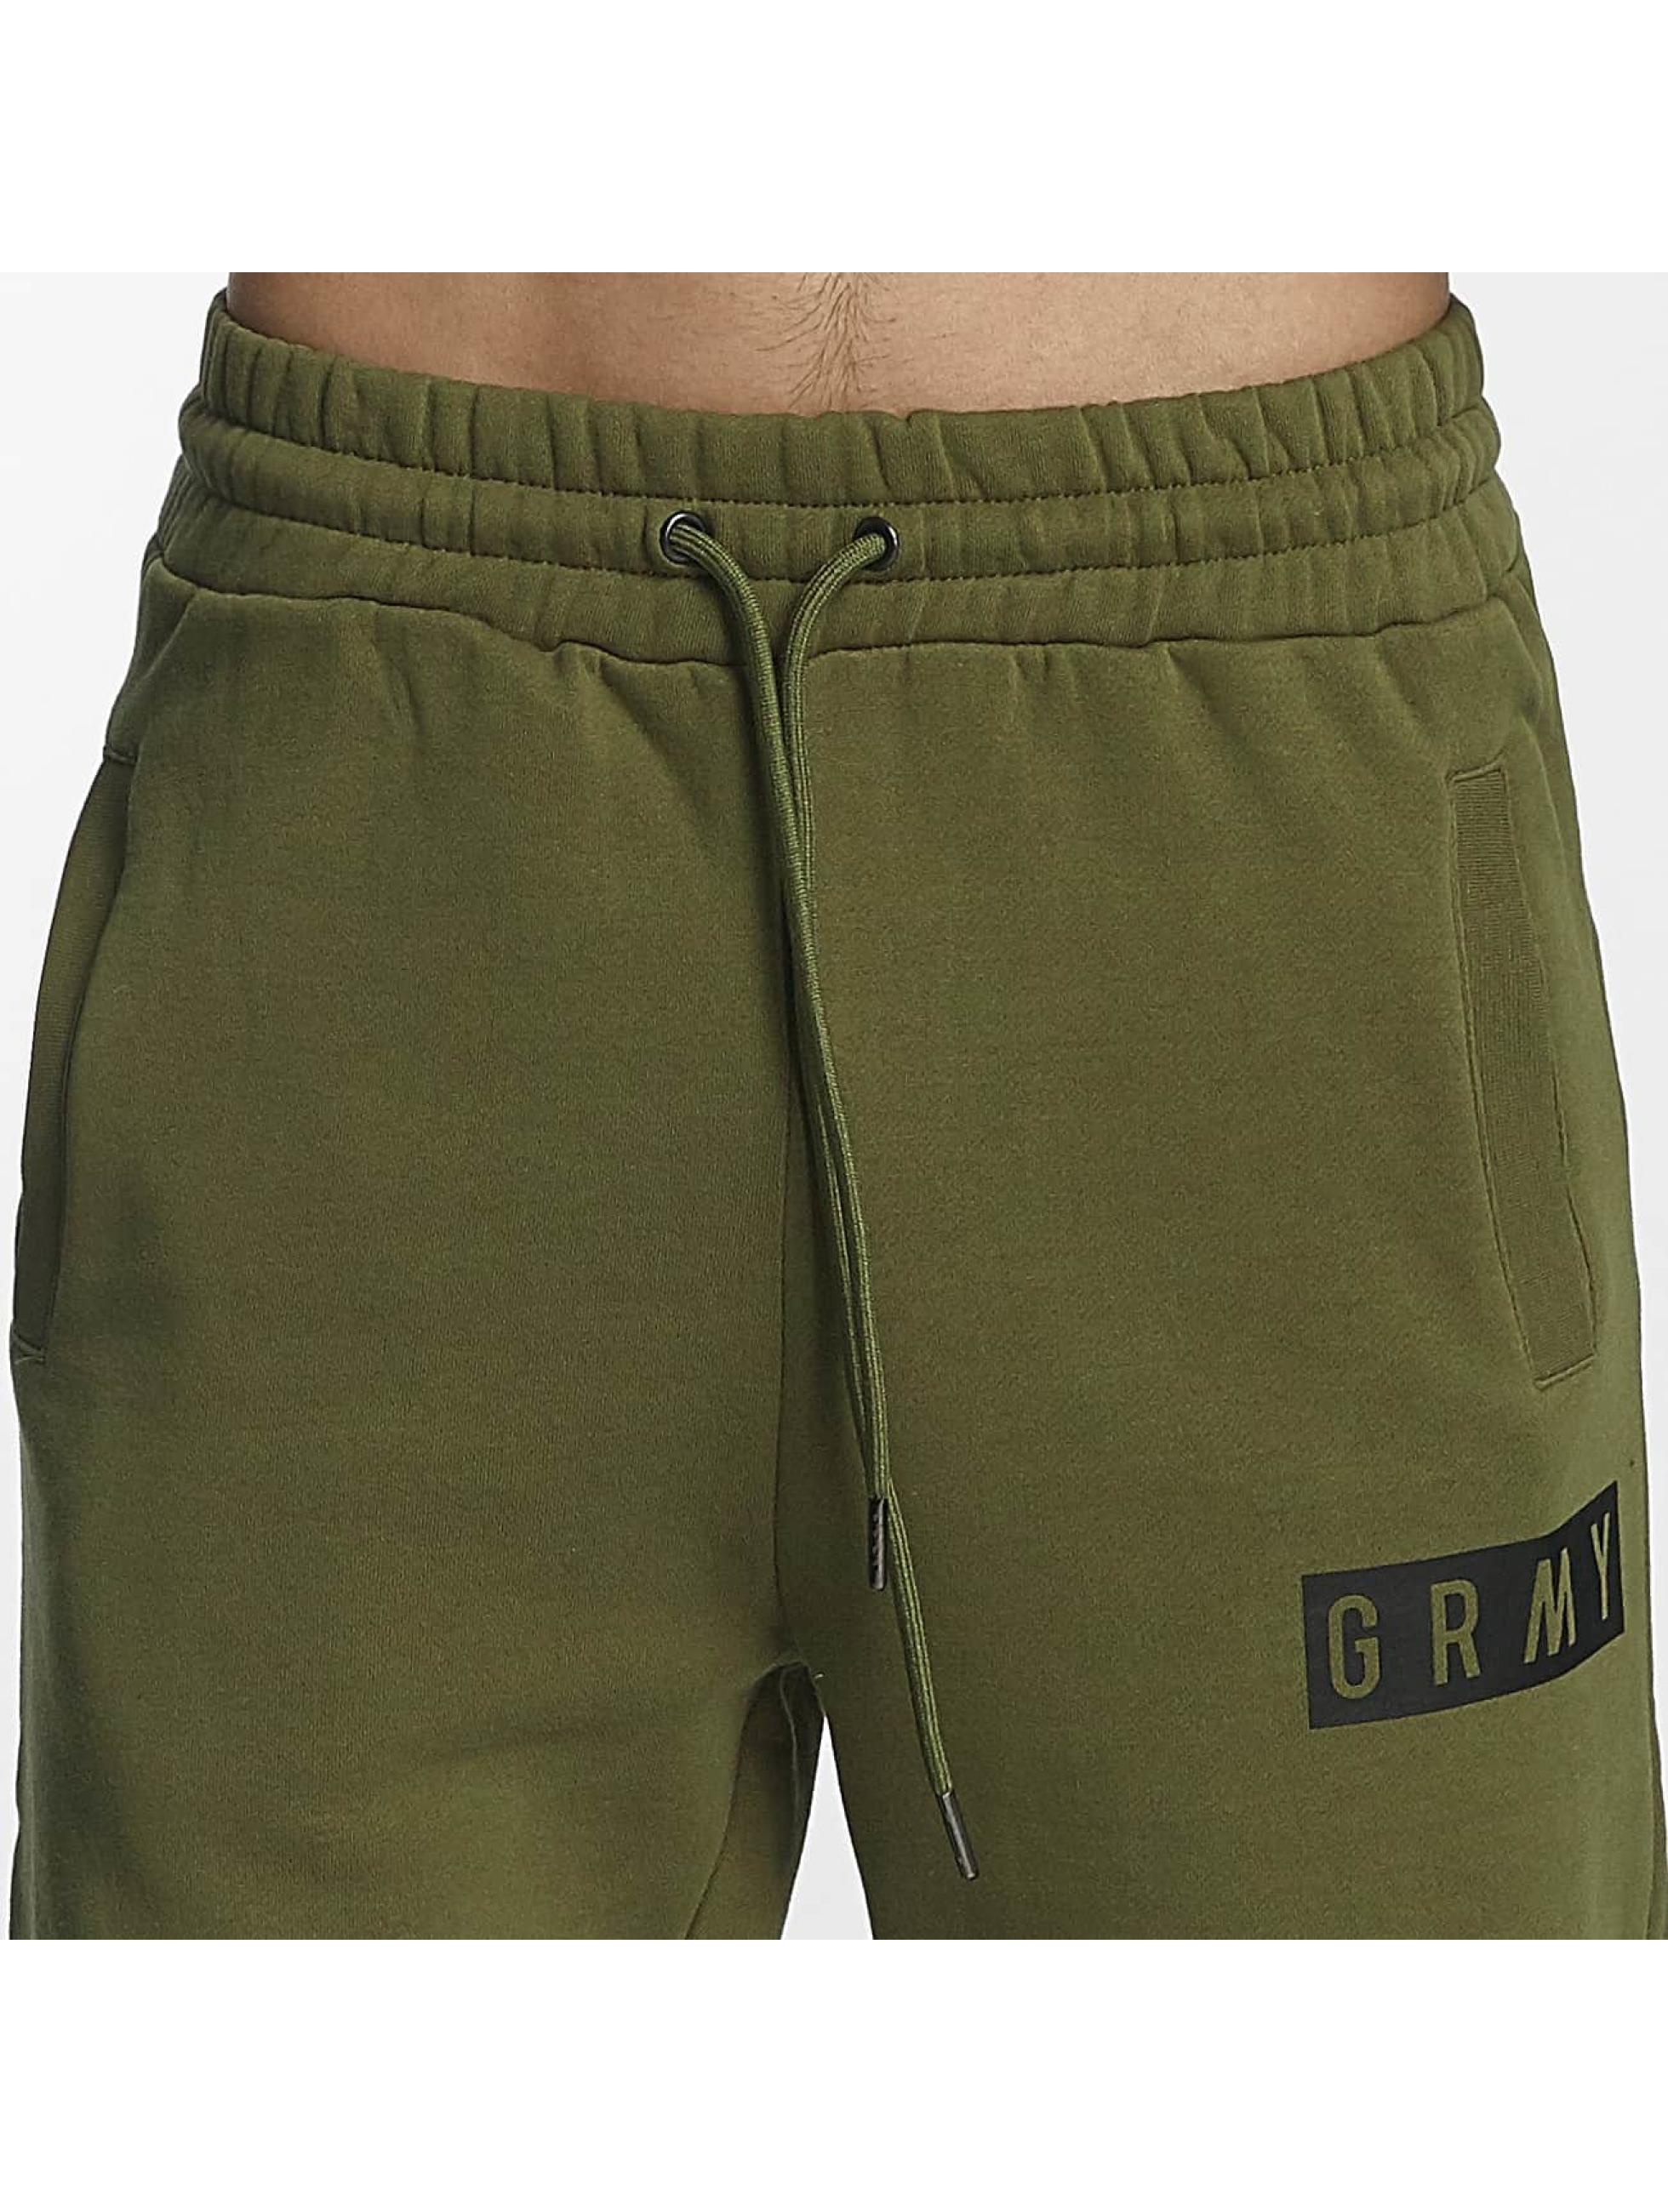 Grimey Wear tepláky Overcome Gravity olivová